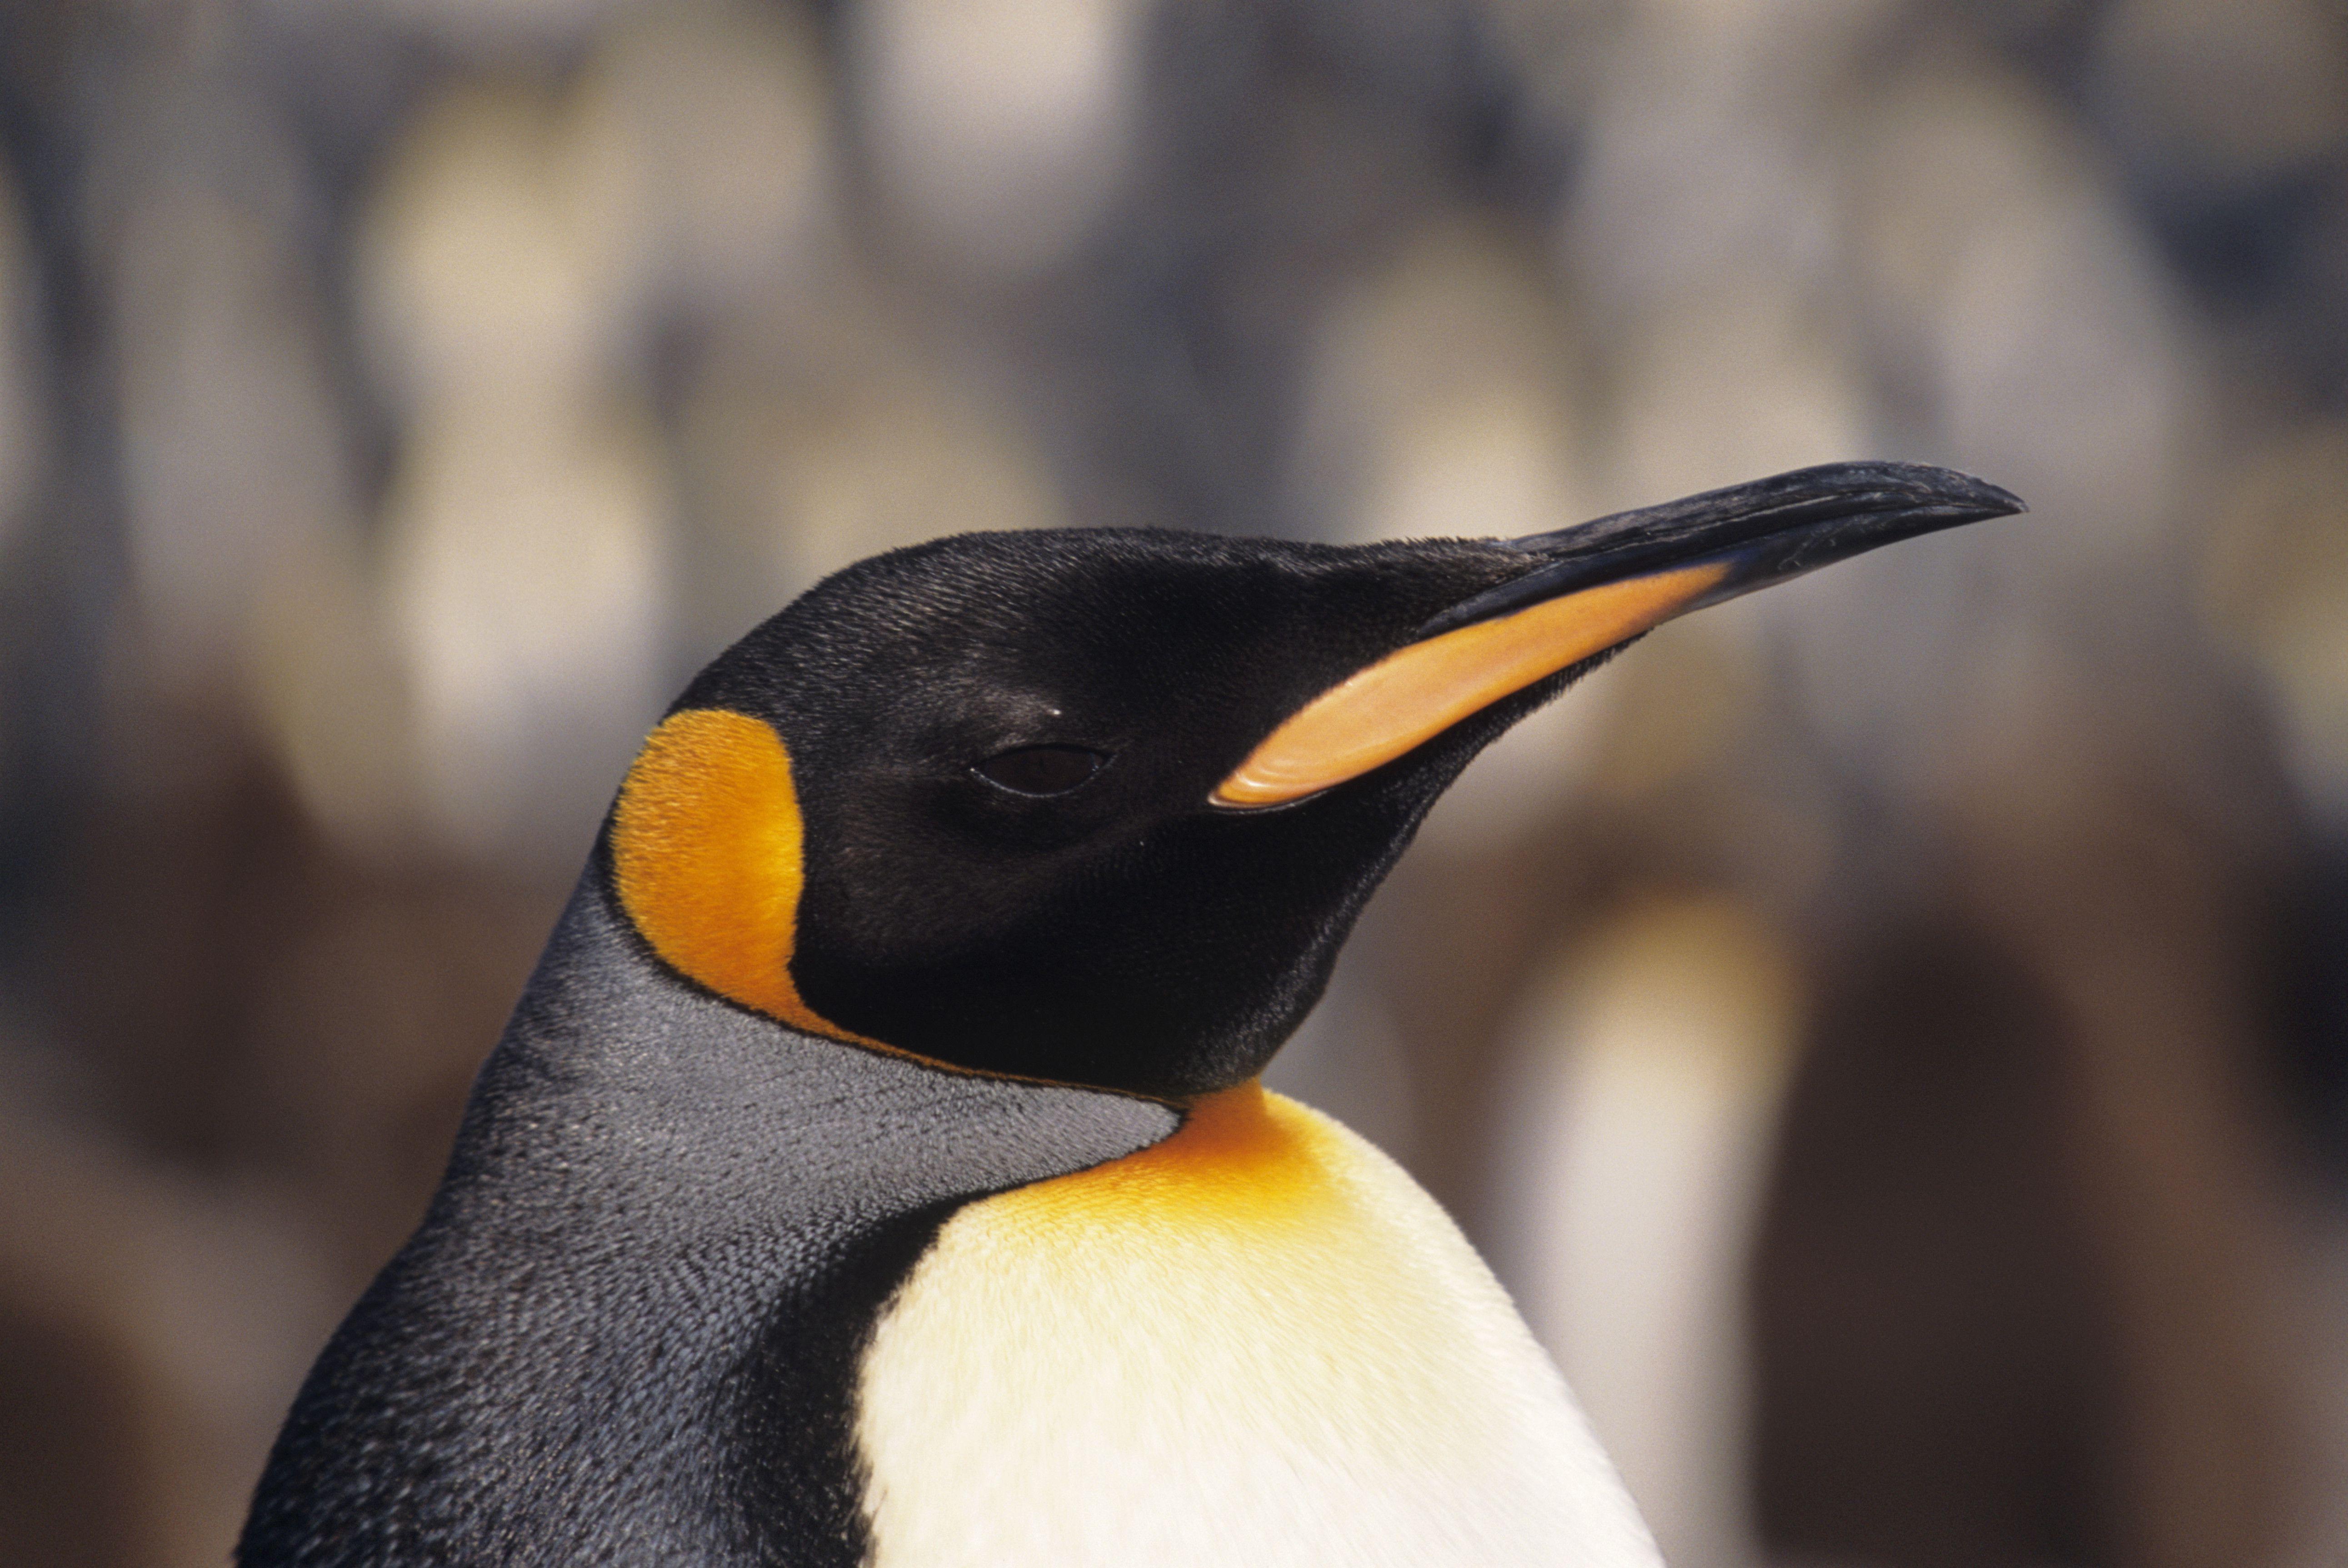 King penguin (Aptenodytes patagonicus), headshot